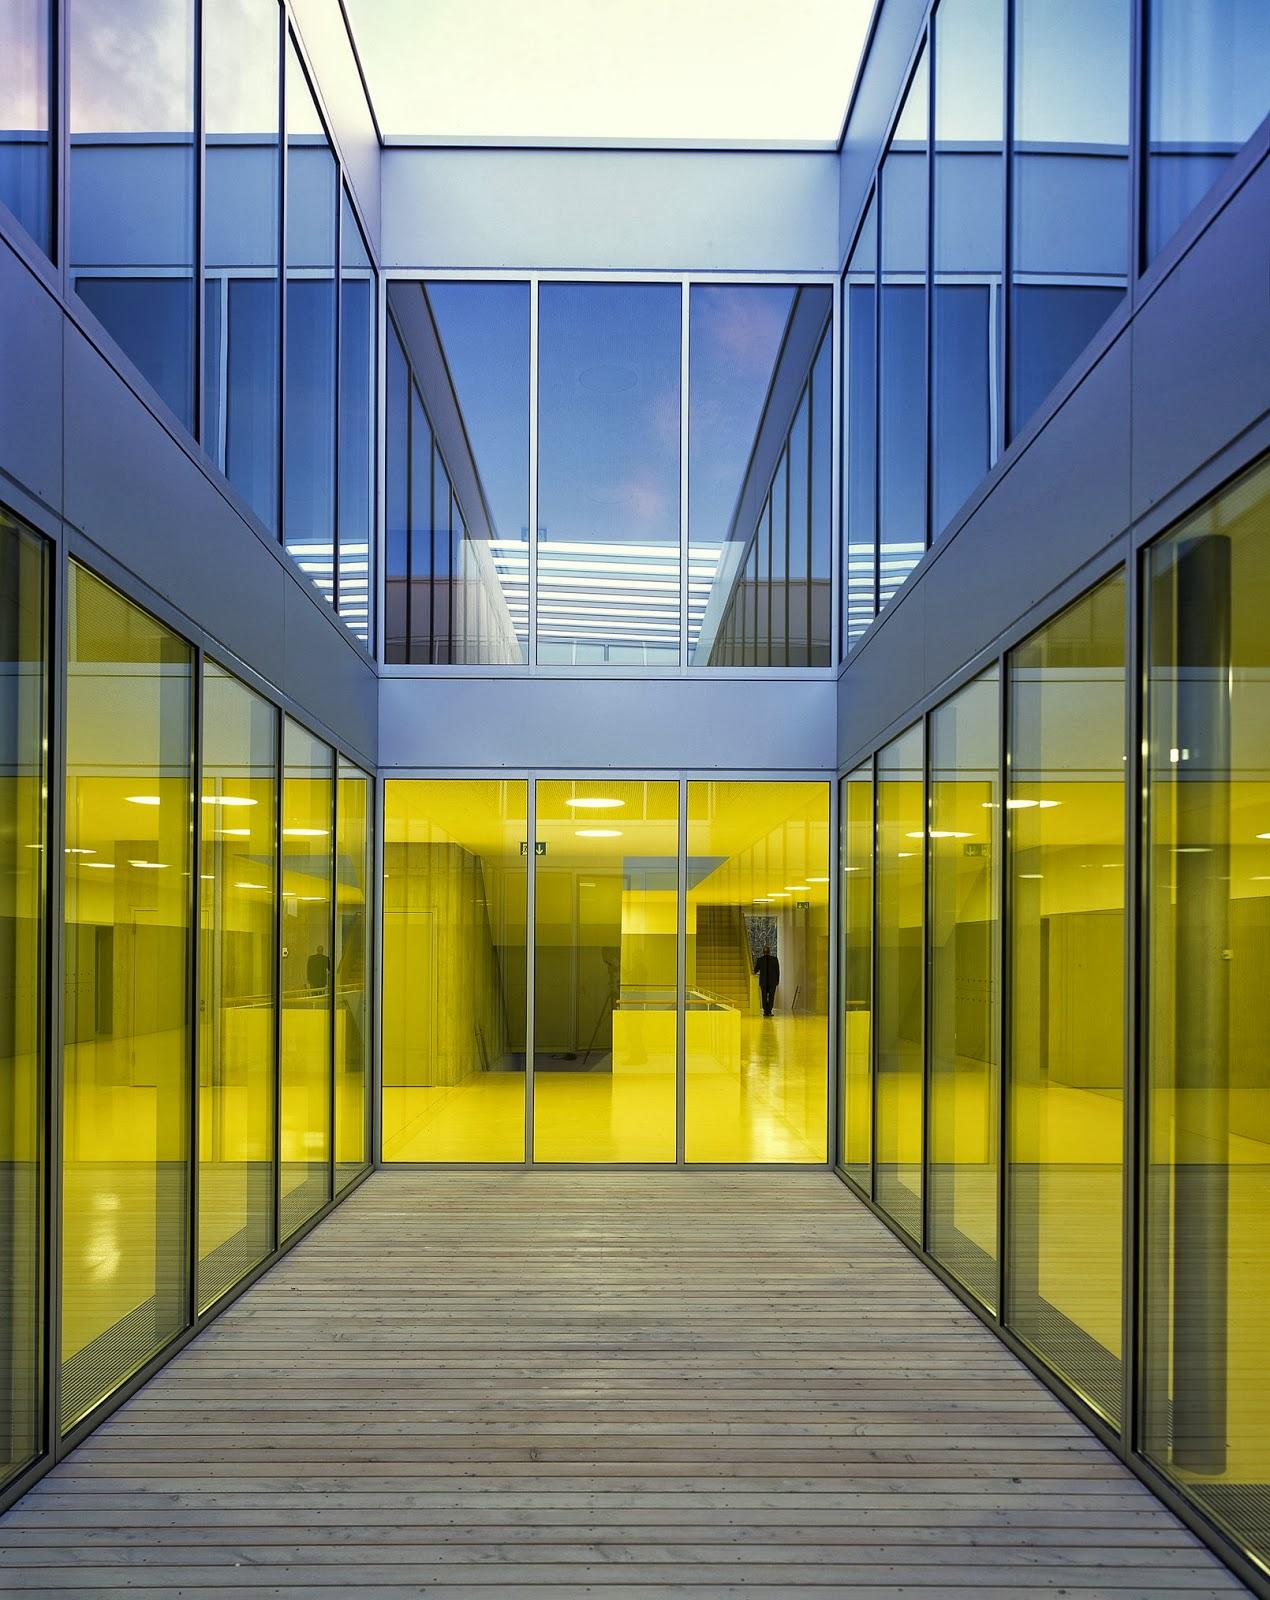 arquitectura zona cero: AMARILLO ESCOLAR / COLEGIO EN CUGY ... - photo#47